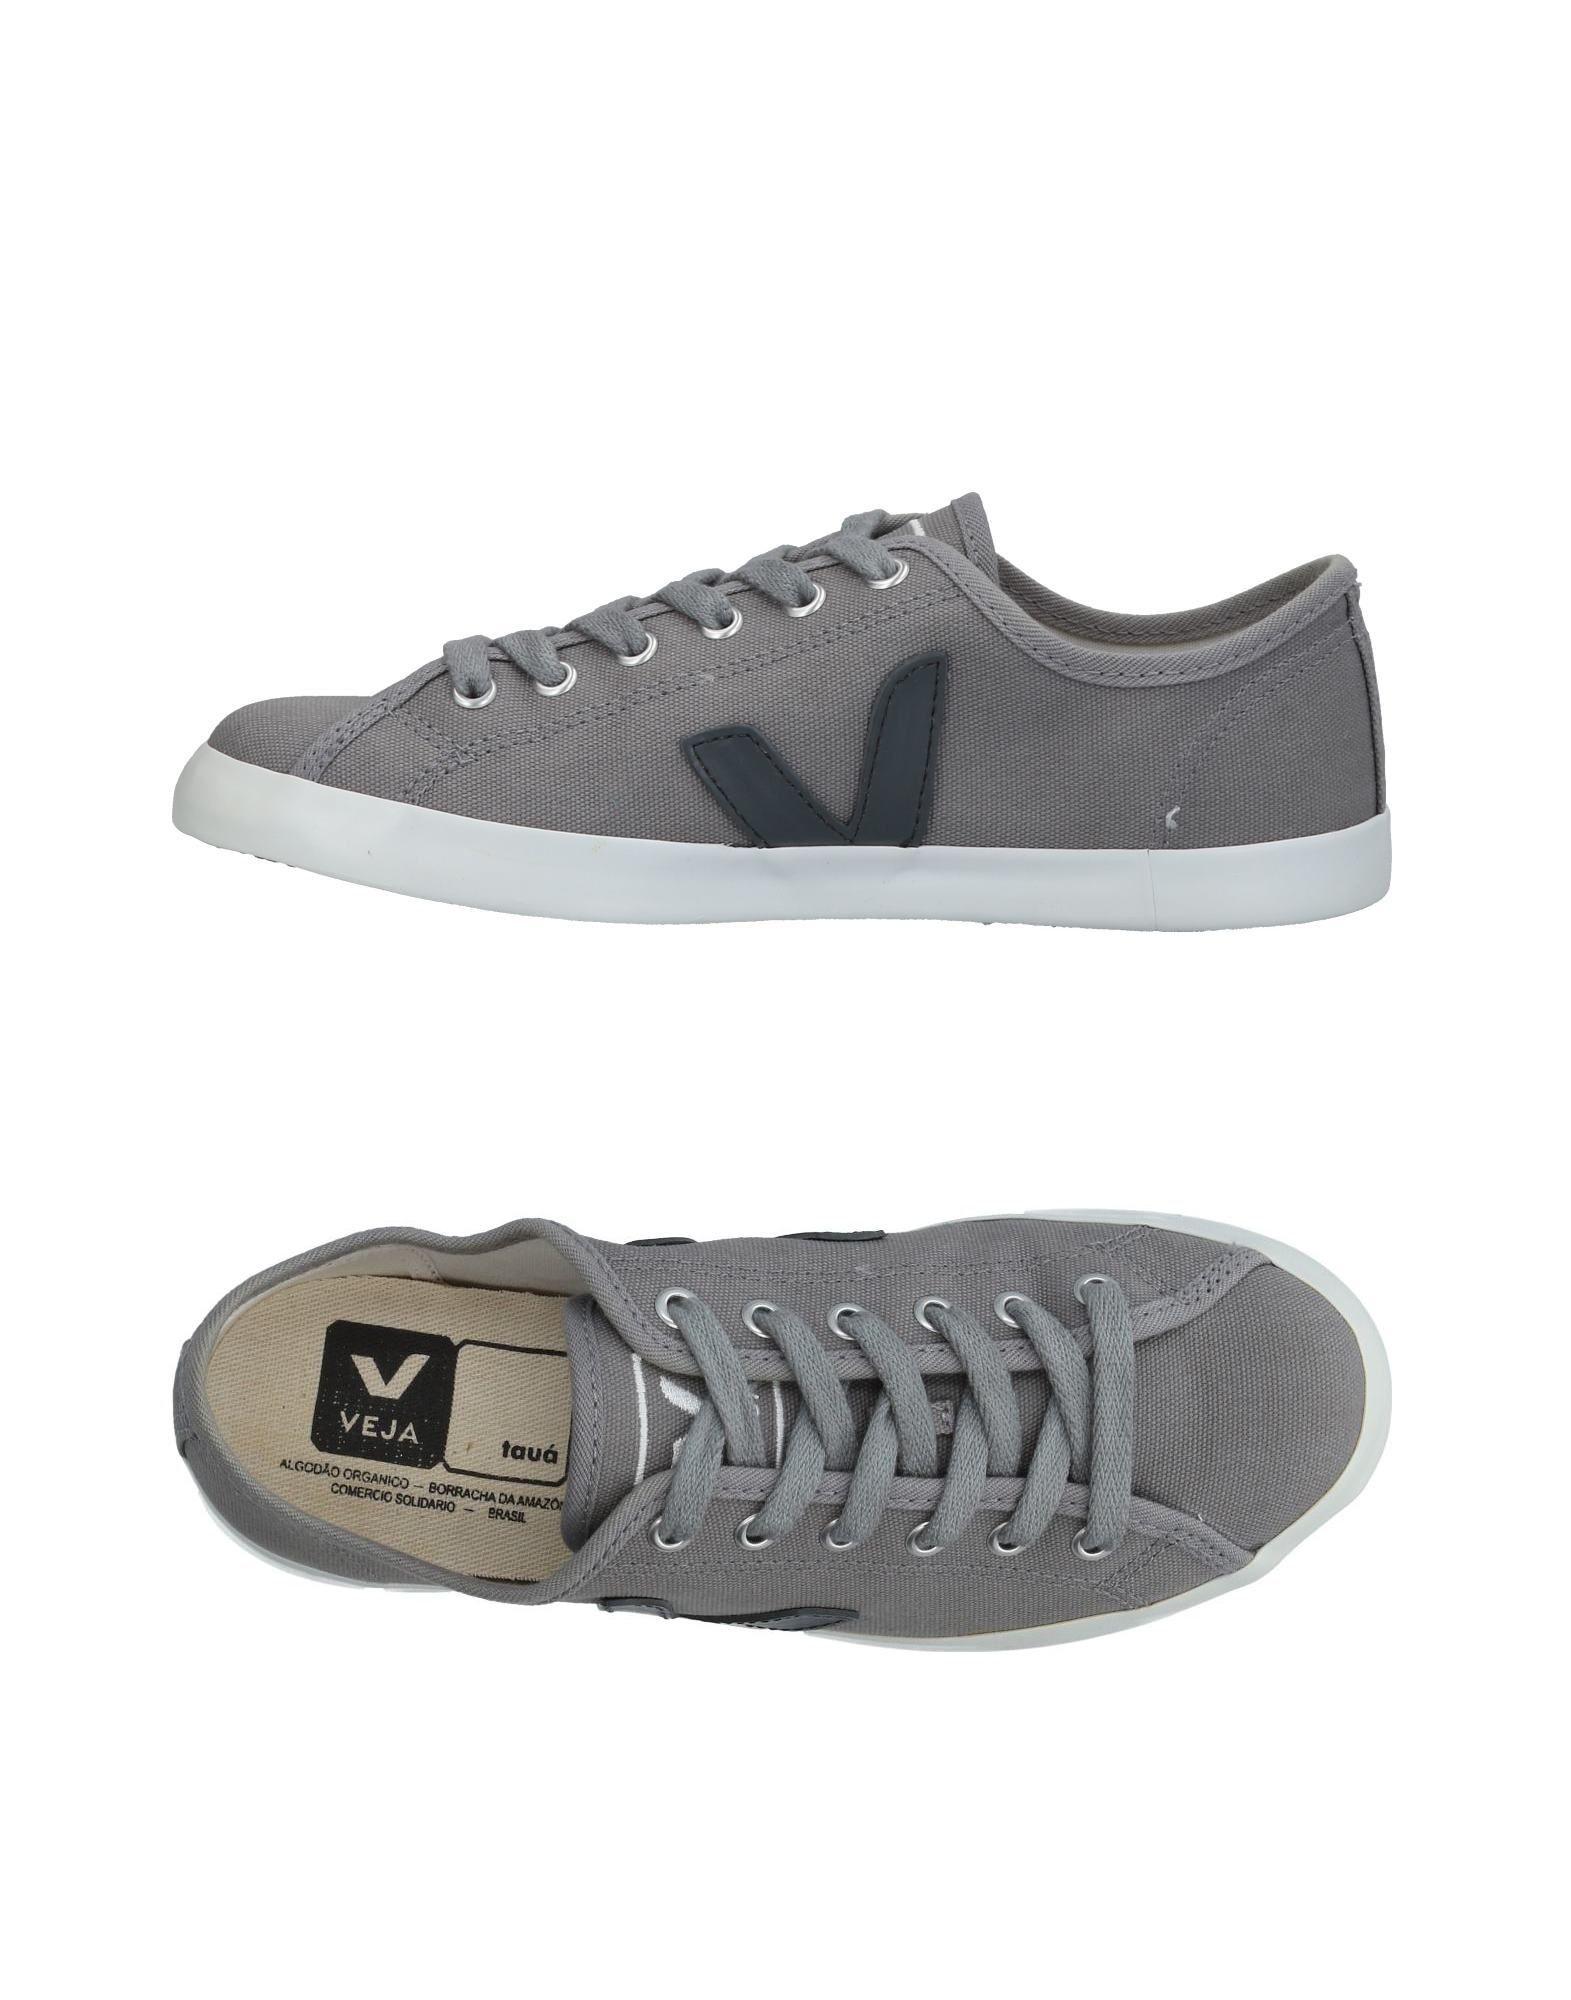 Veja Sneakers Sneakers Veja Damen  11419666LG  c80801